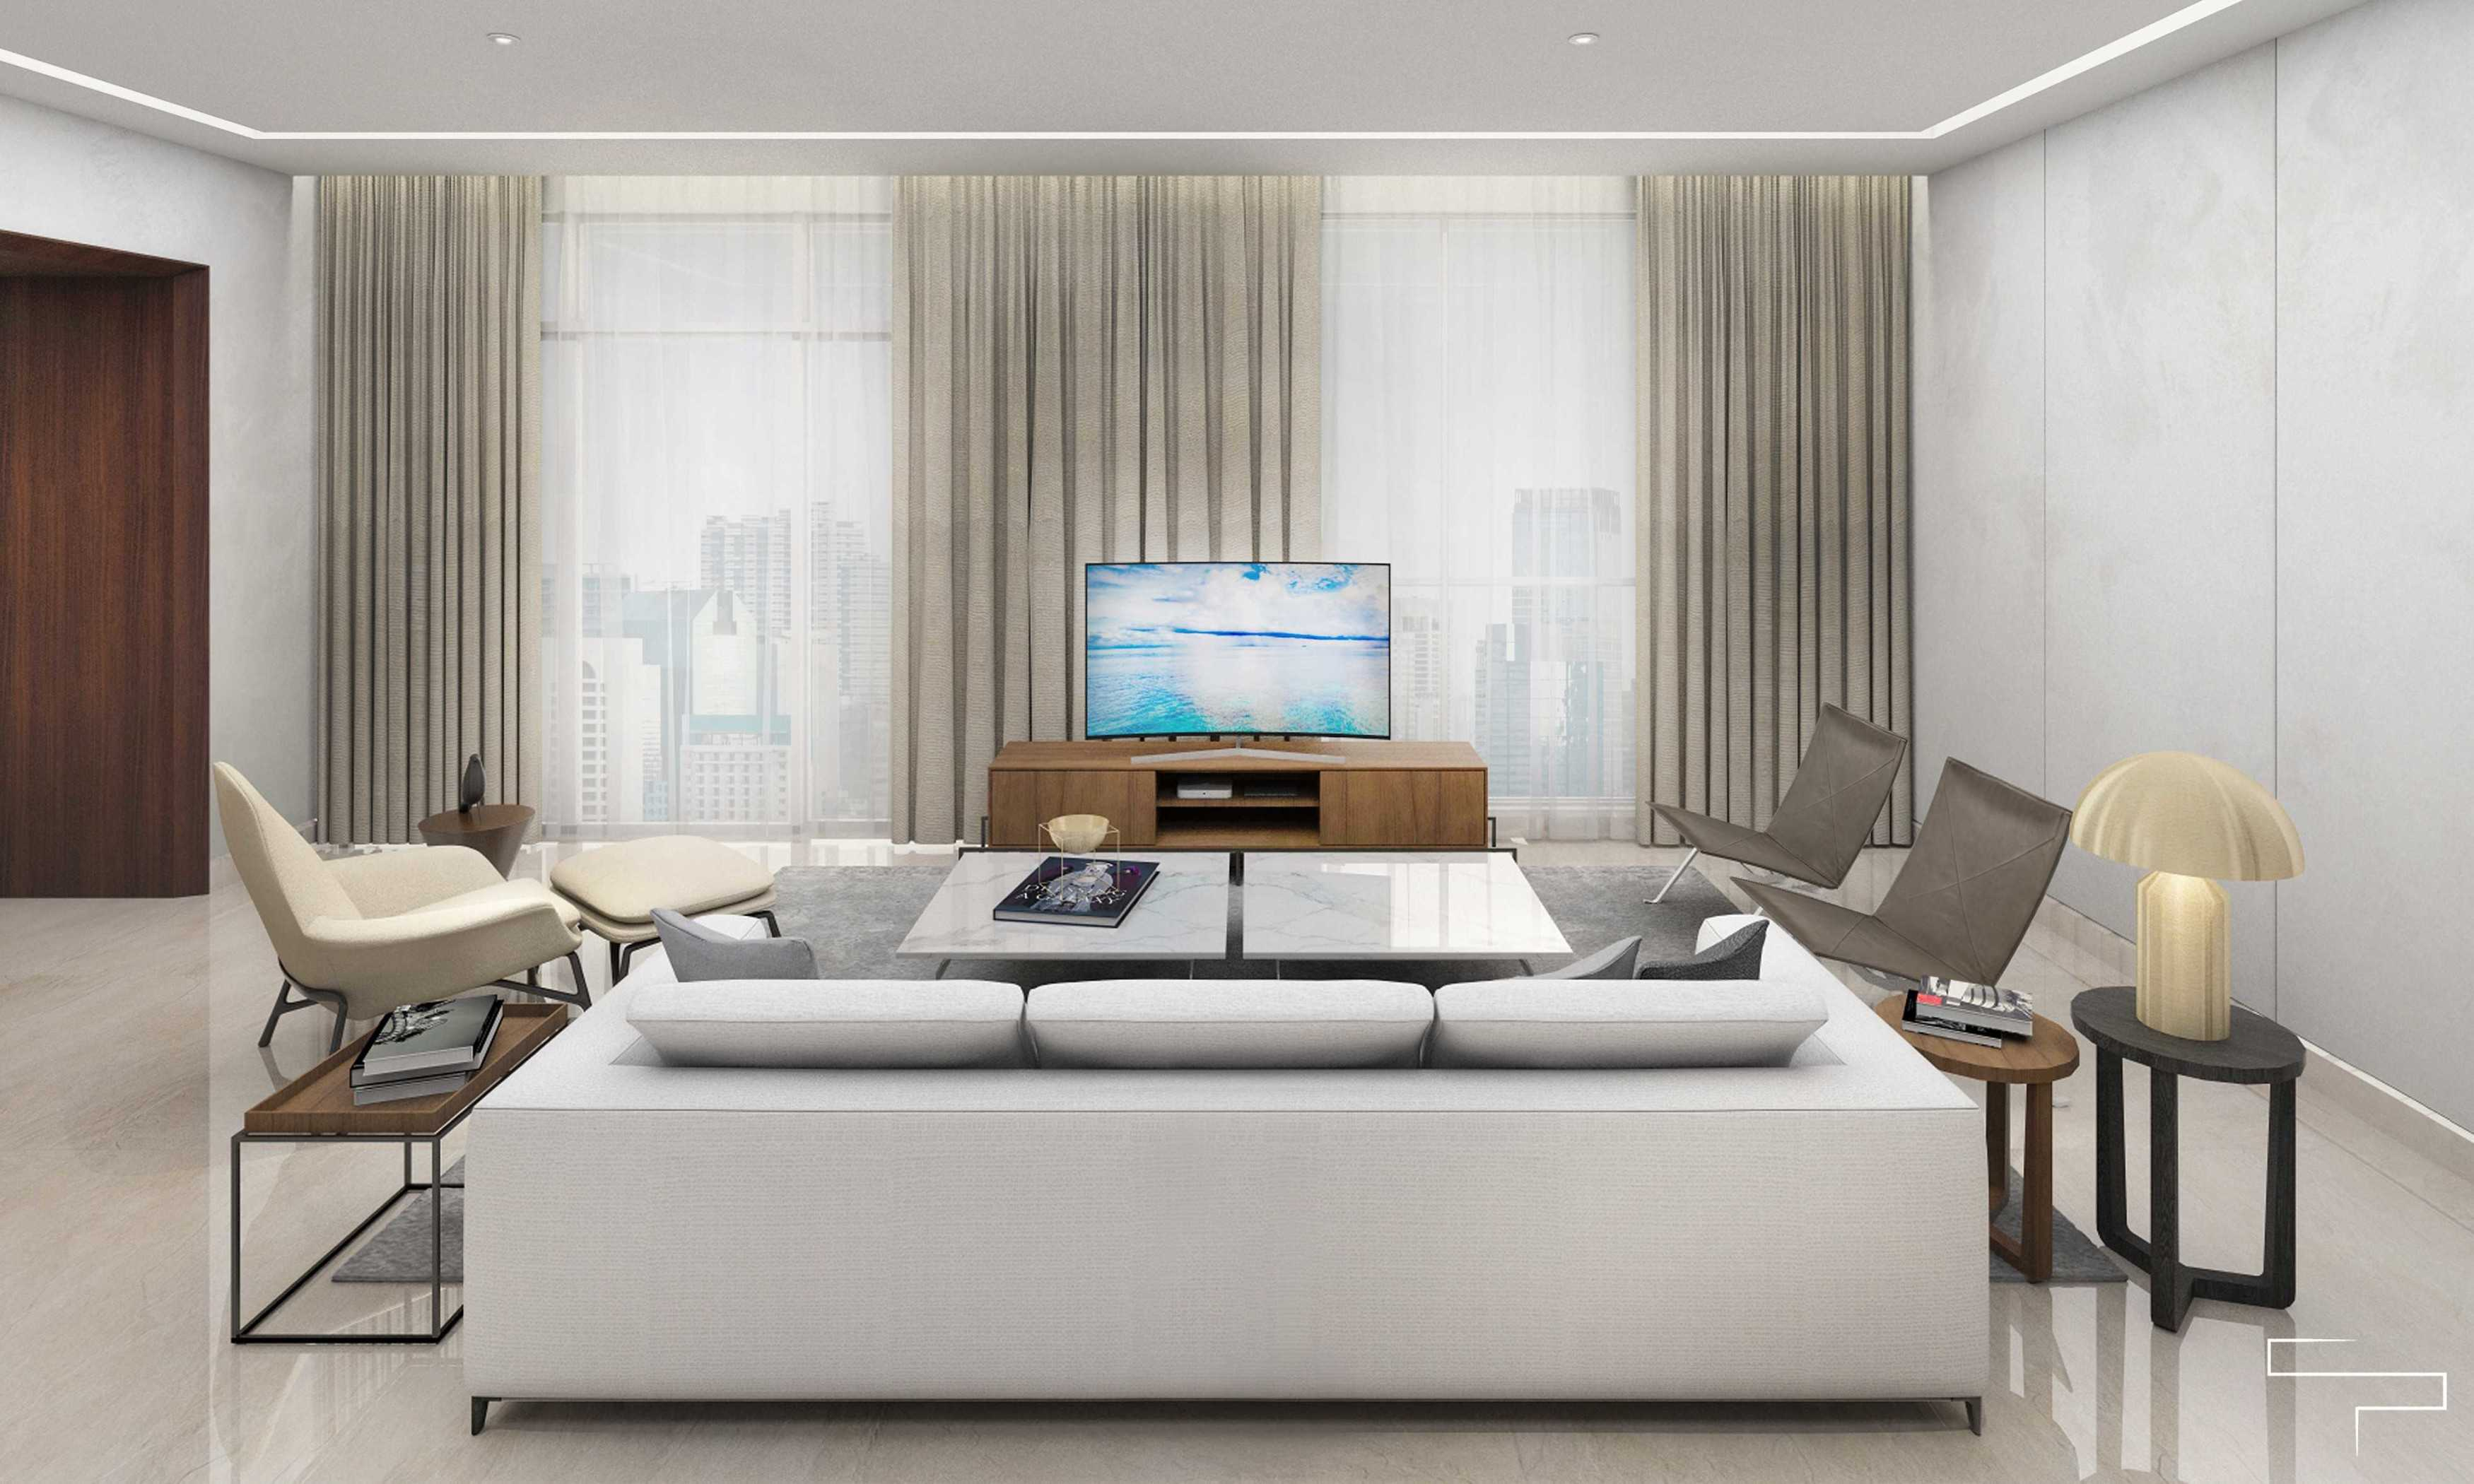 Sontani Partners 9B Residence Pakubuwono  Pakubuwono  Living Room Kontemporer,wood,modern  27618